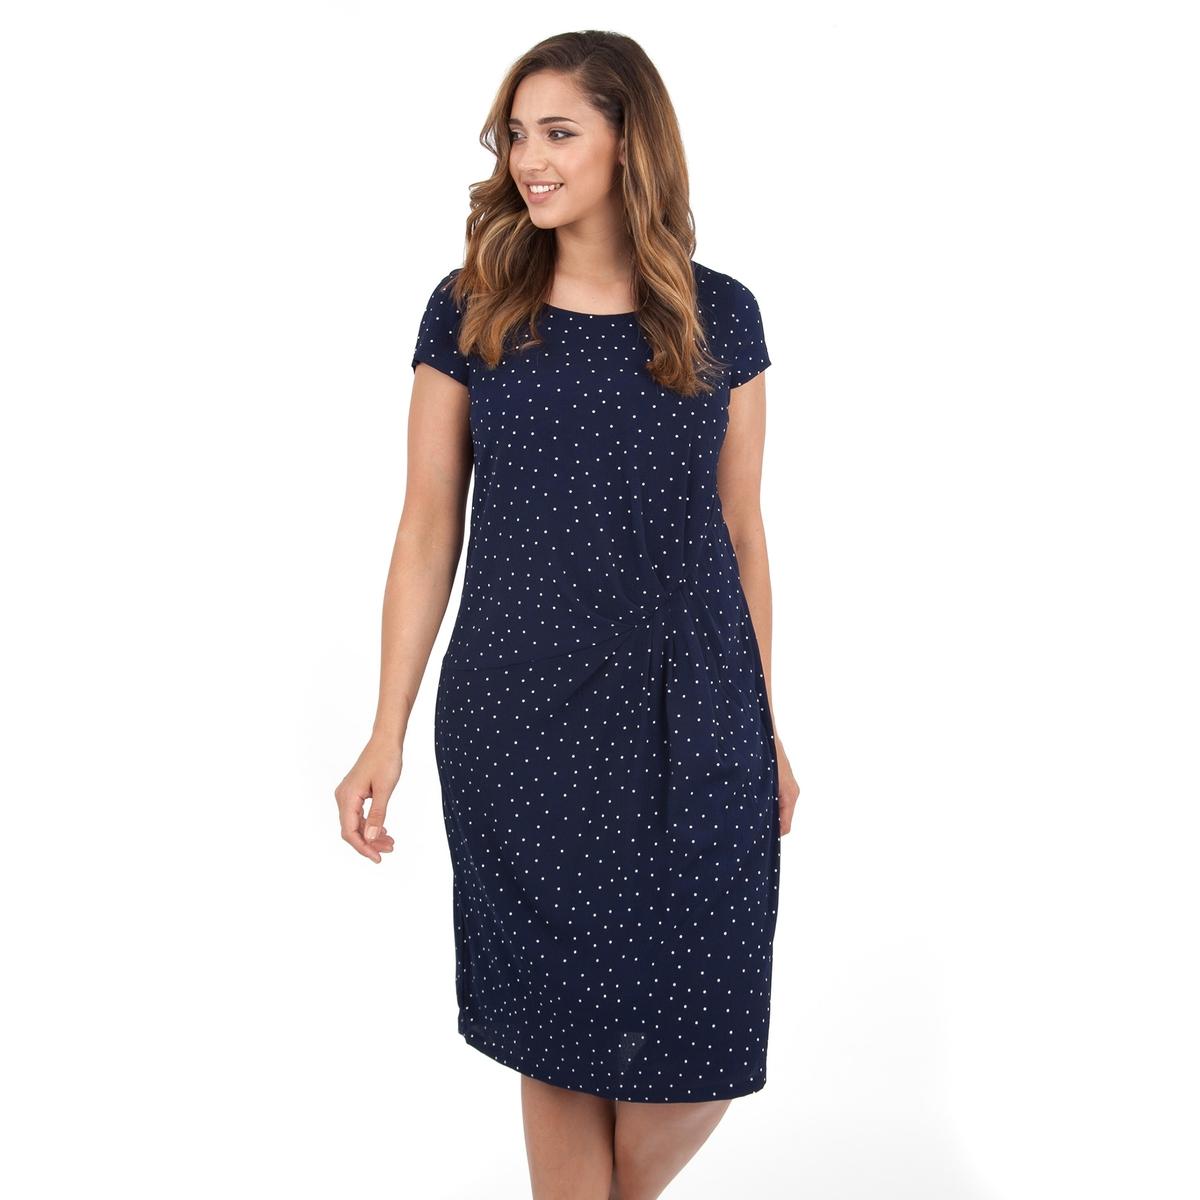 ПлатьеПлатье с короткими рукавами - LOVEDROBE. Круглый вырез. Длина ок.104 см. 100% полиэстера.<br><br>Цвет: синий наб. рисунок<br>Размер: 58/60 (FR) - 64/66 (RUS)